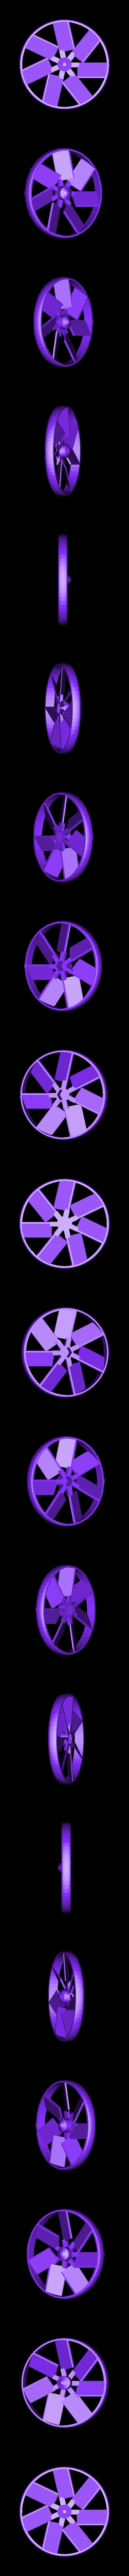 Grip_Fan_Fan.stl Télécharger fichier STL gratuit Cool Squeeze - Ventilateur de préhension • Plan imprimable en 3D, Zippityboomba